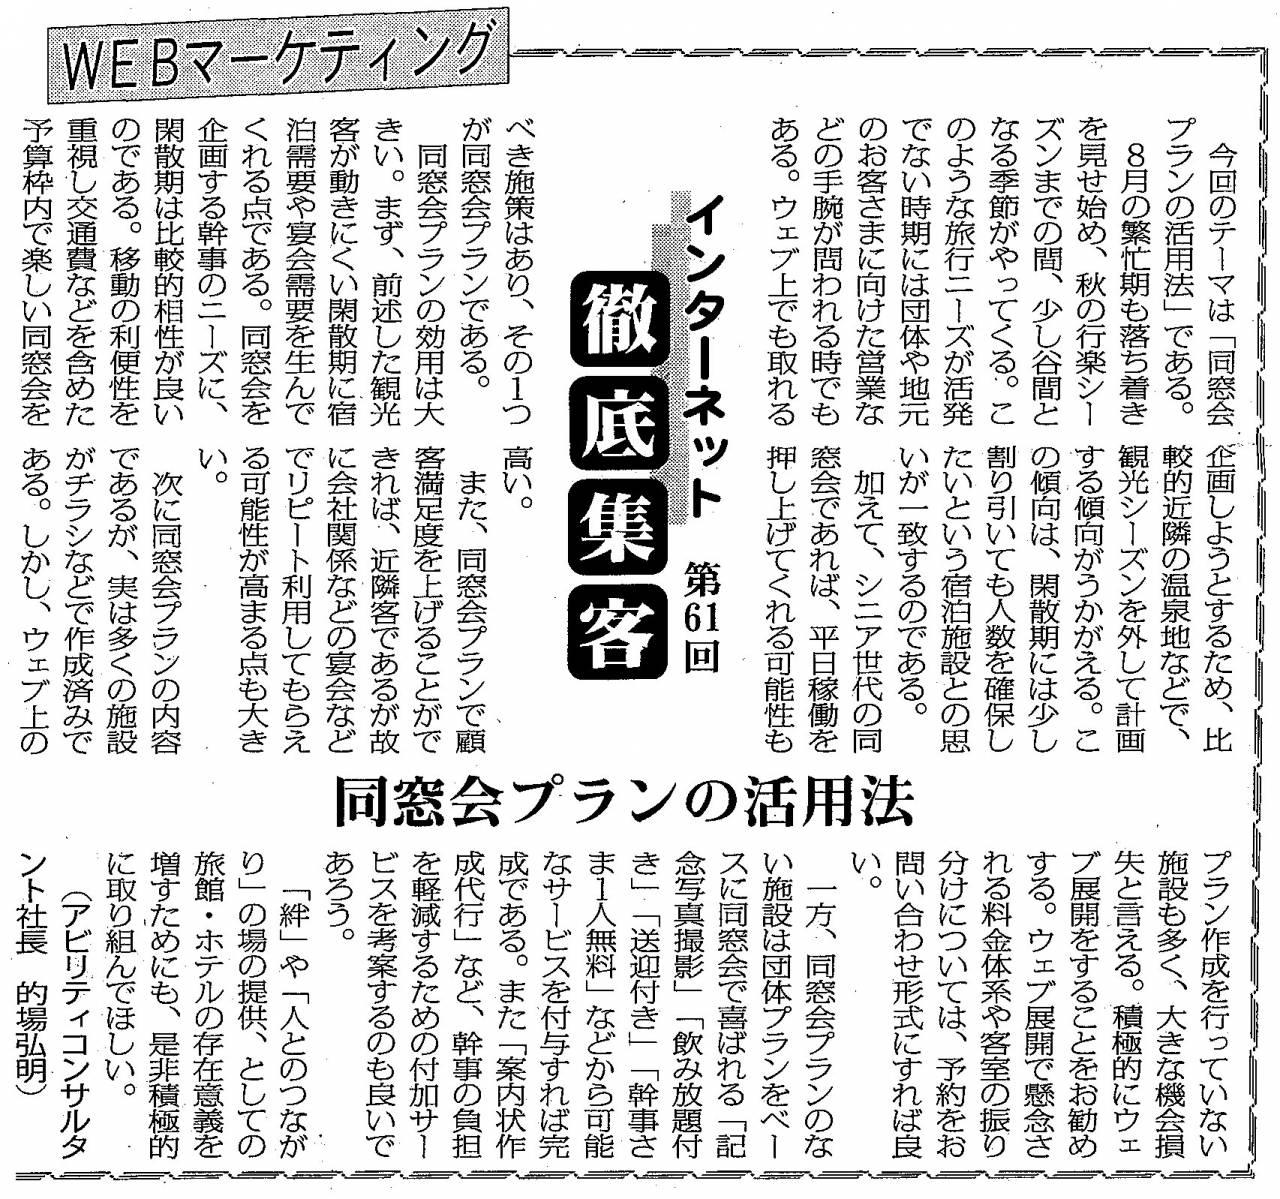 【第61回】WEBマーケティング 同窓会プランの活用法